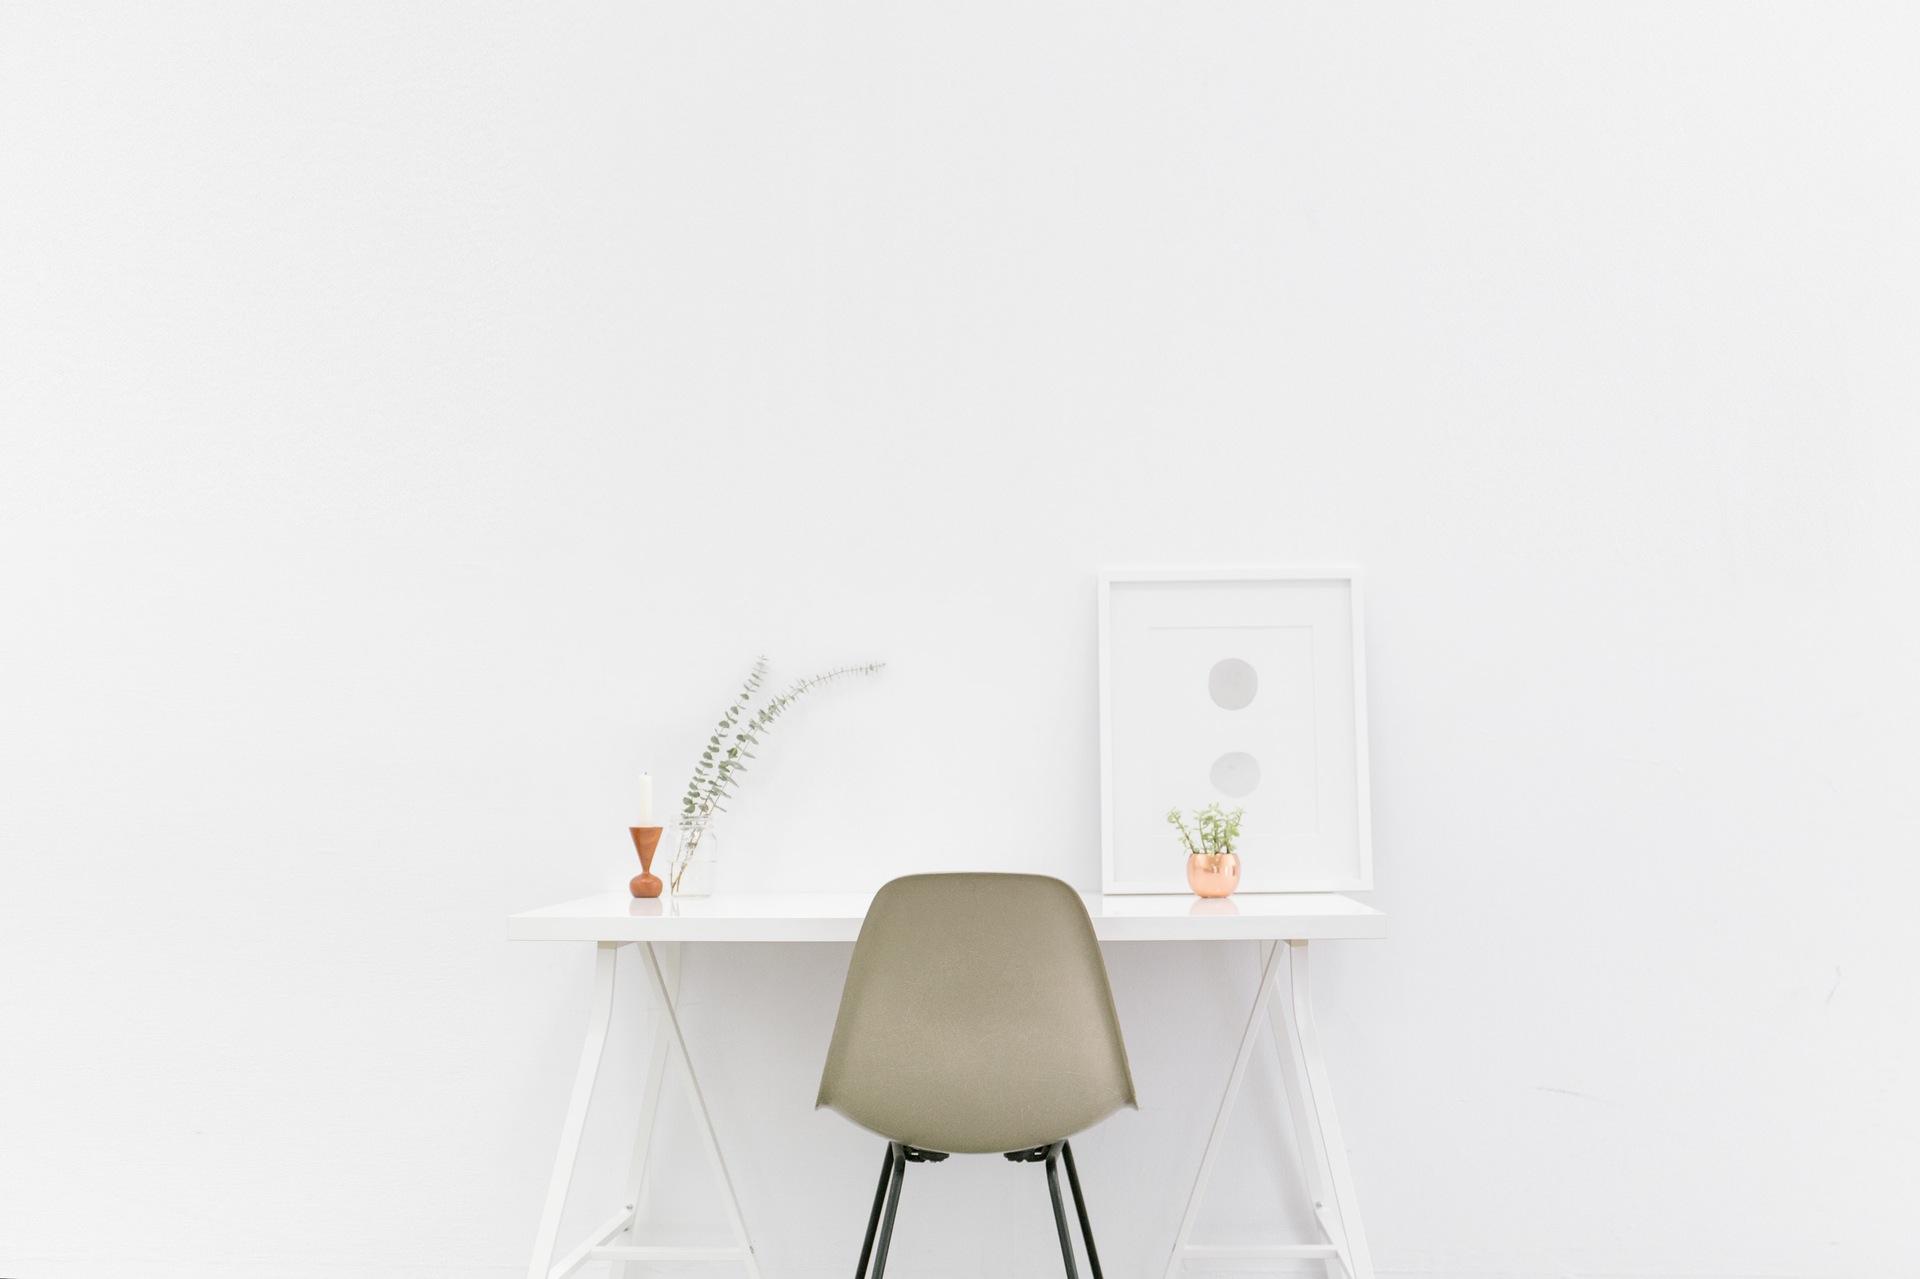 Schreibtisch, Zimmer, Büro, Stuhl, Wand, Weiß - Wallpaper HD - Prof.-falken.com